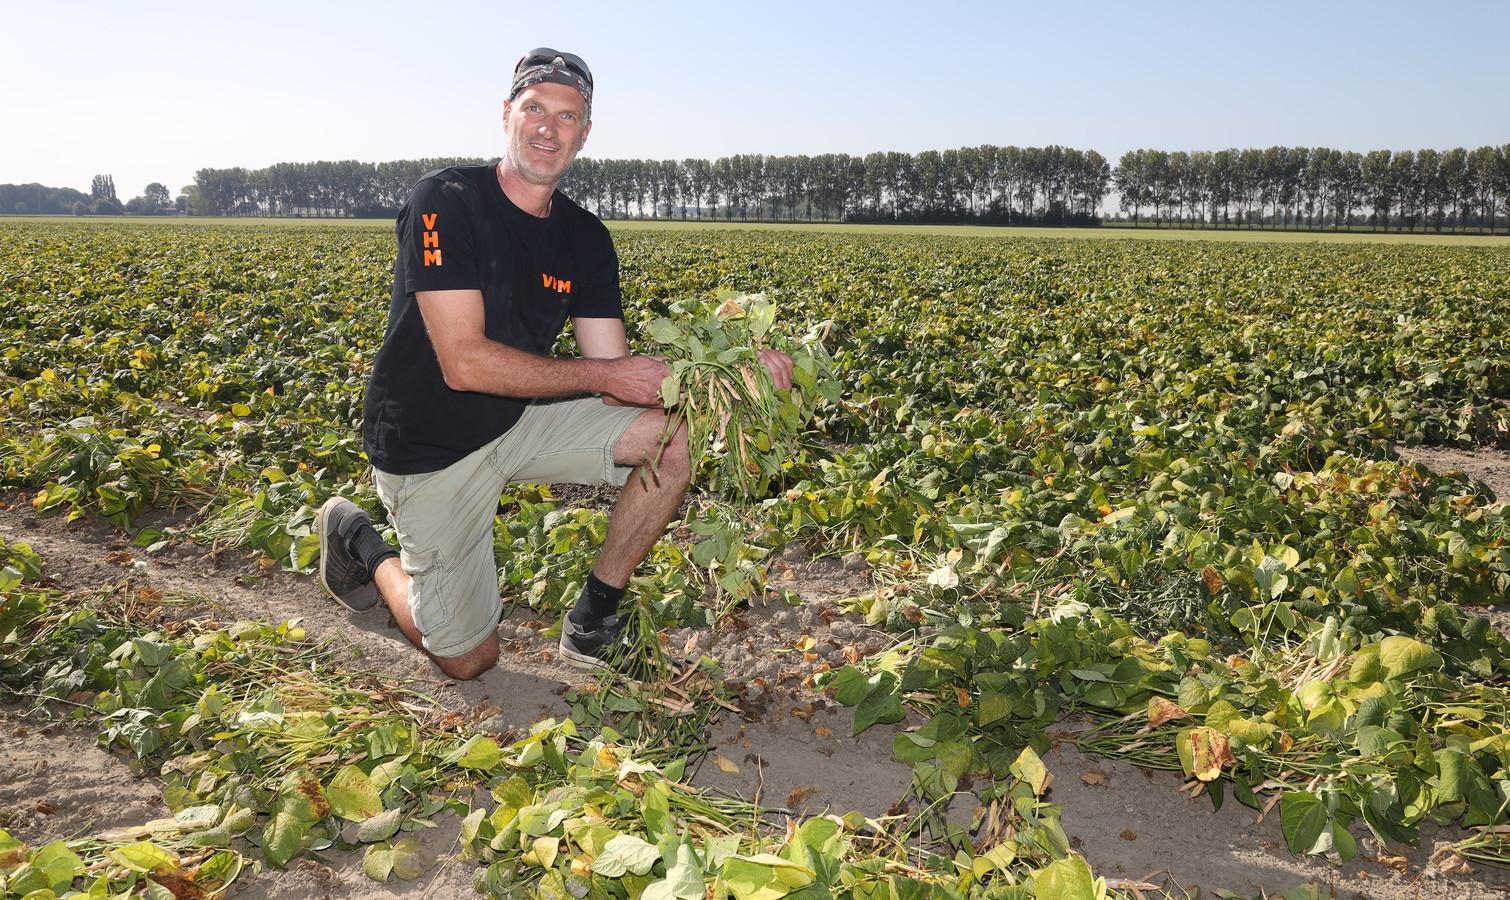 Tonny de Koeijer op zijn veld bruine bonen. Zijn kidneybonen zijn al geoogst.